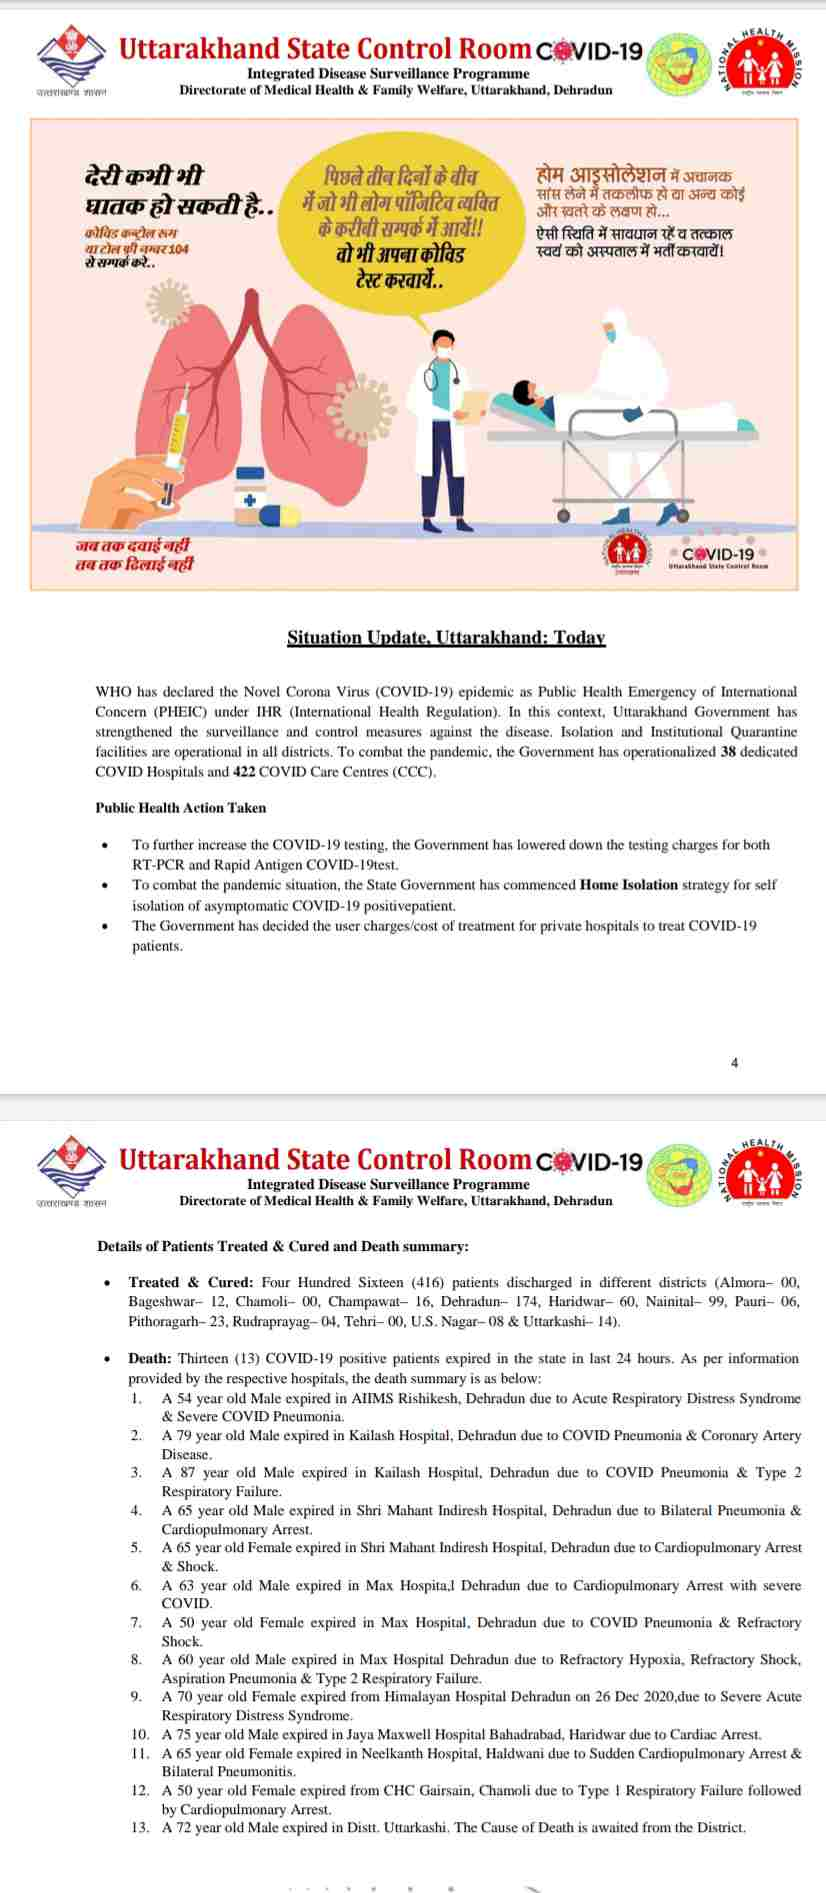 कोरोना बुलेटिन: उत्तराखंड में आज 13 लोगों की मौत, 374 नए कोविड-19 मरीज़, 416 हुए आज स्वास्थ्य 4